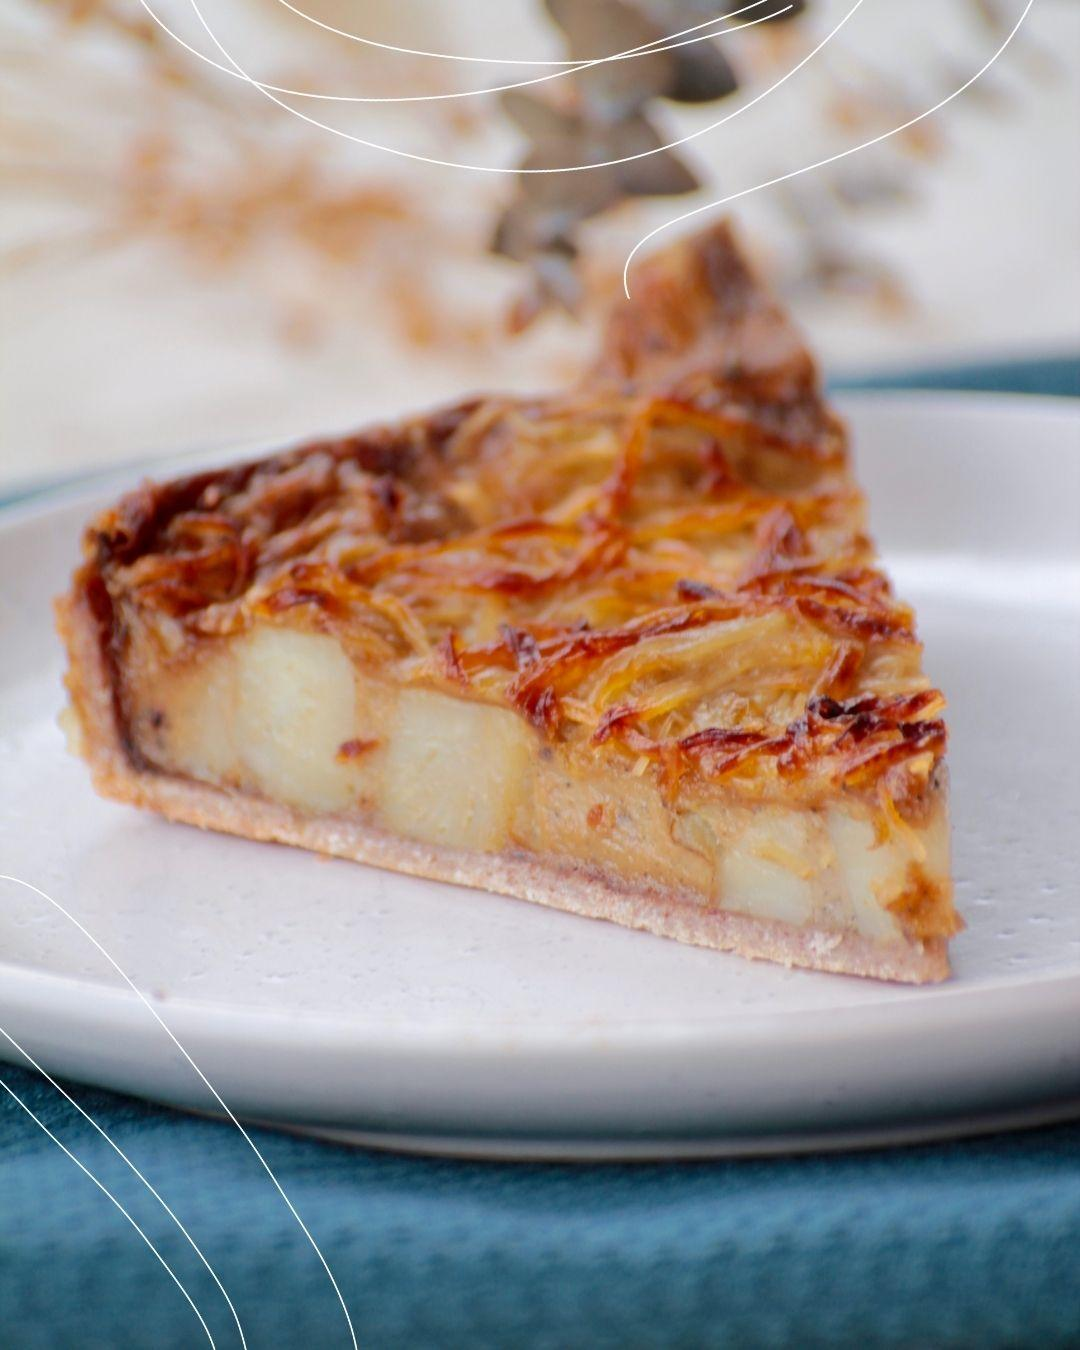 Potato and Cheese quiche